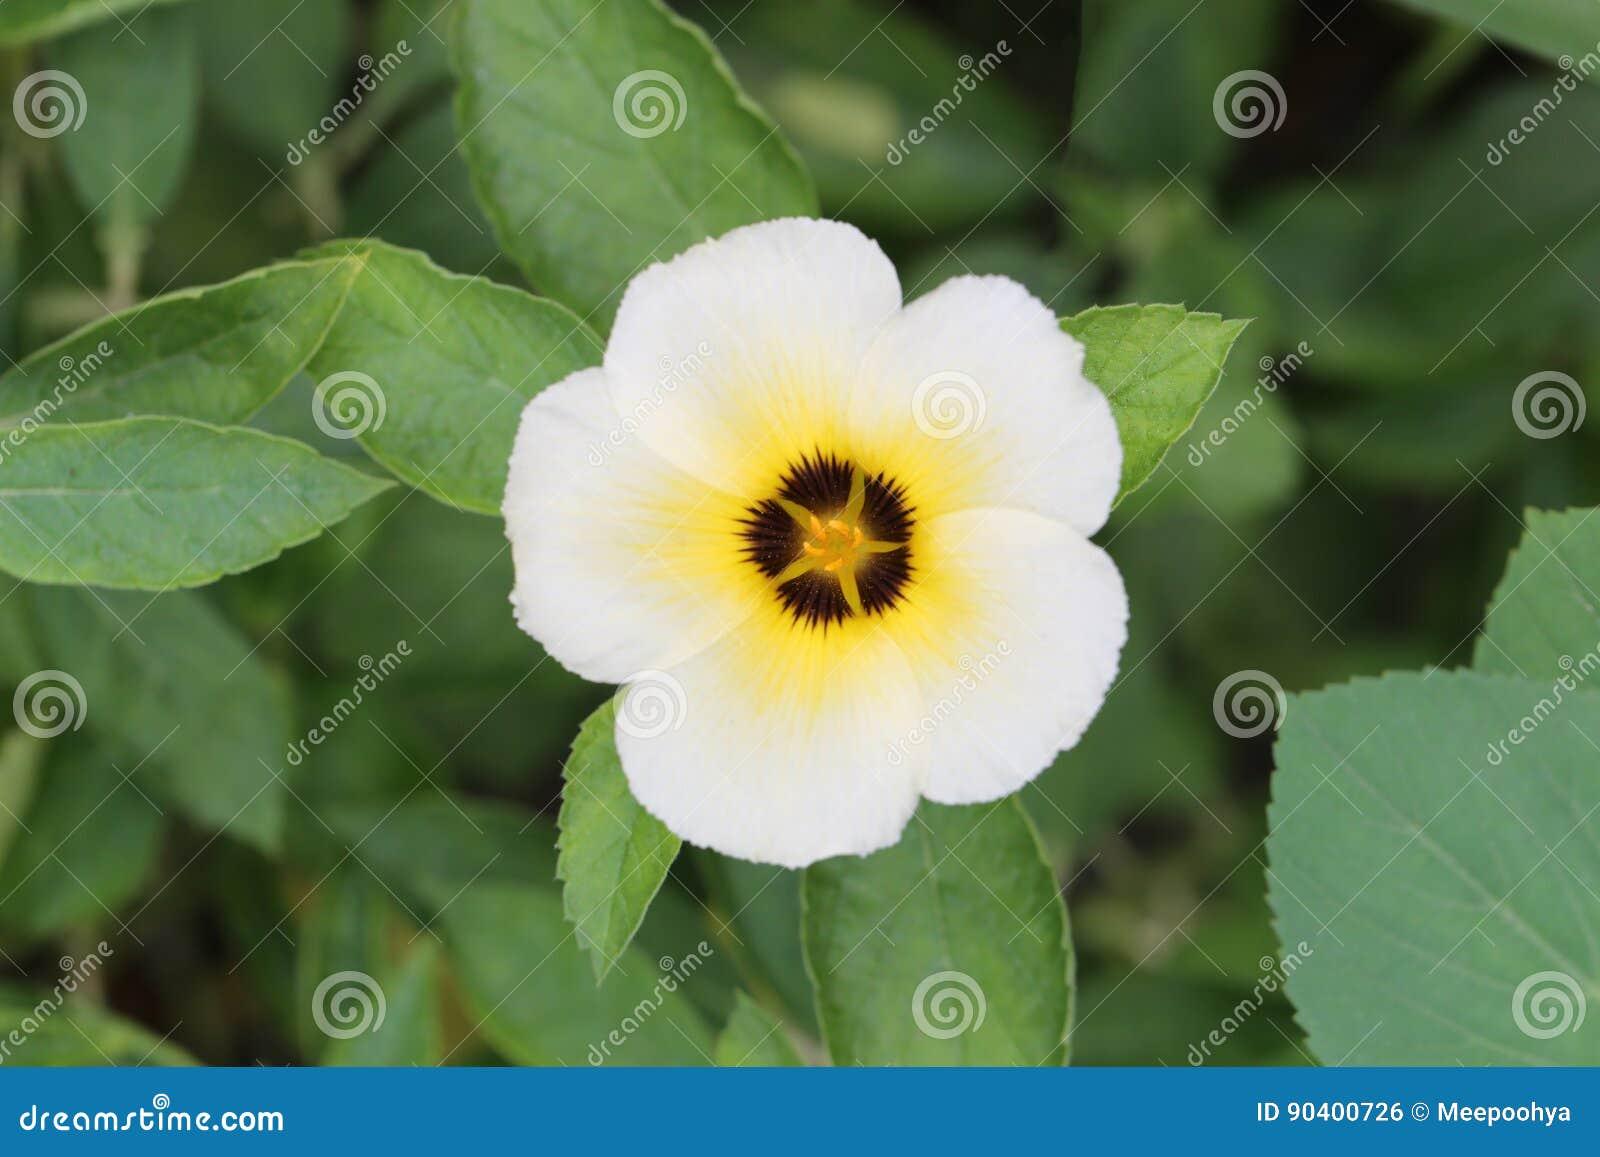 Turnera Subulata Or White Sage Rose Flower Stock Photo Image Of